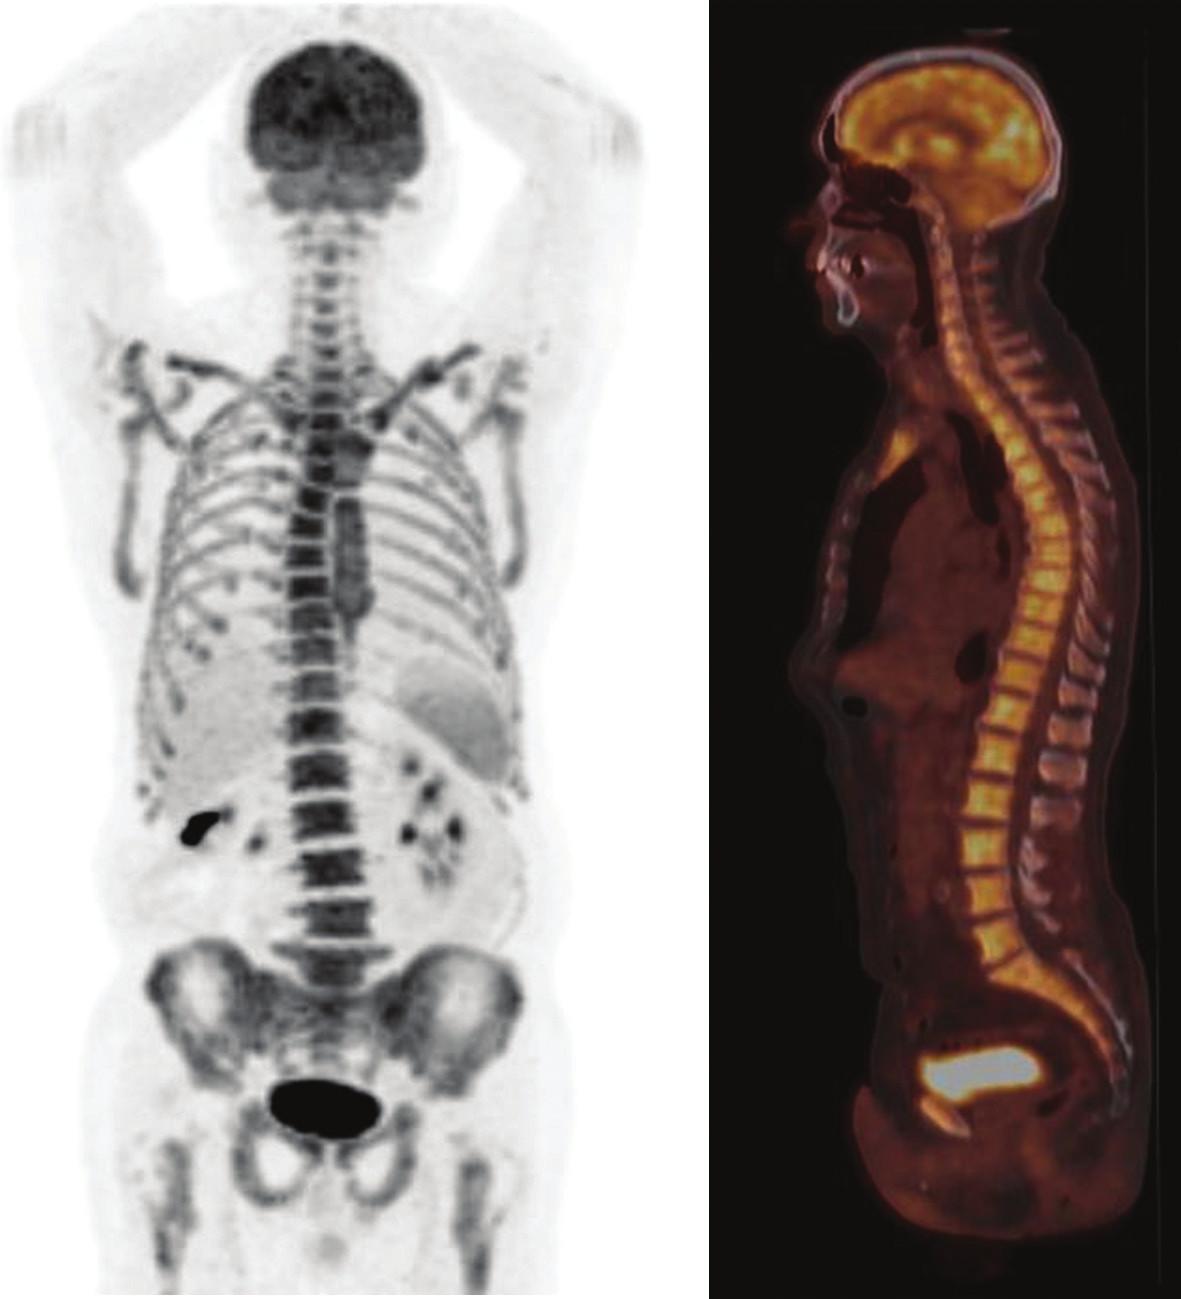 Obr. 3c. PET/CT s FDG. Obraz kompletnej metabolickej remisie po dvoch cykloch chemoterapie (R-CHOP). Homogénna, difúzna a symetrická akumulácia FDG v kostnej dreni po liečbe stimulanciami hemopoézy.